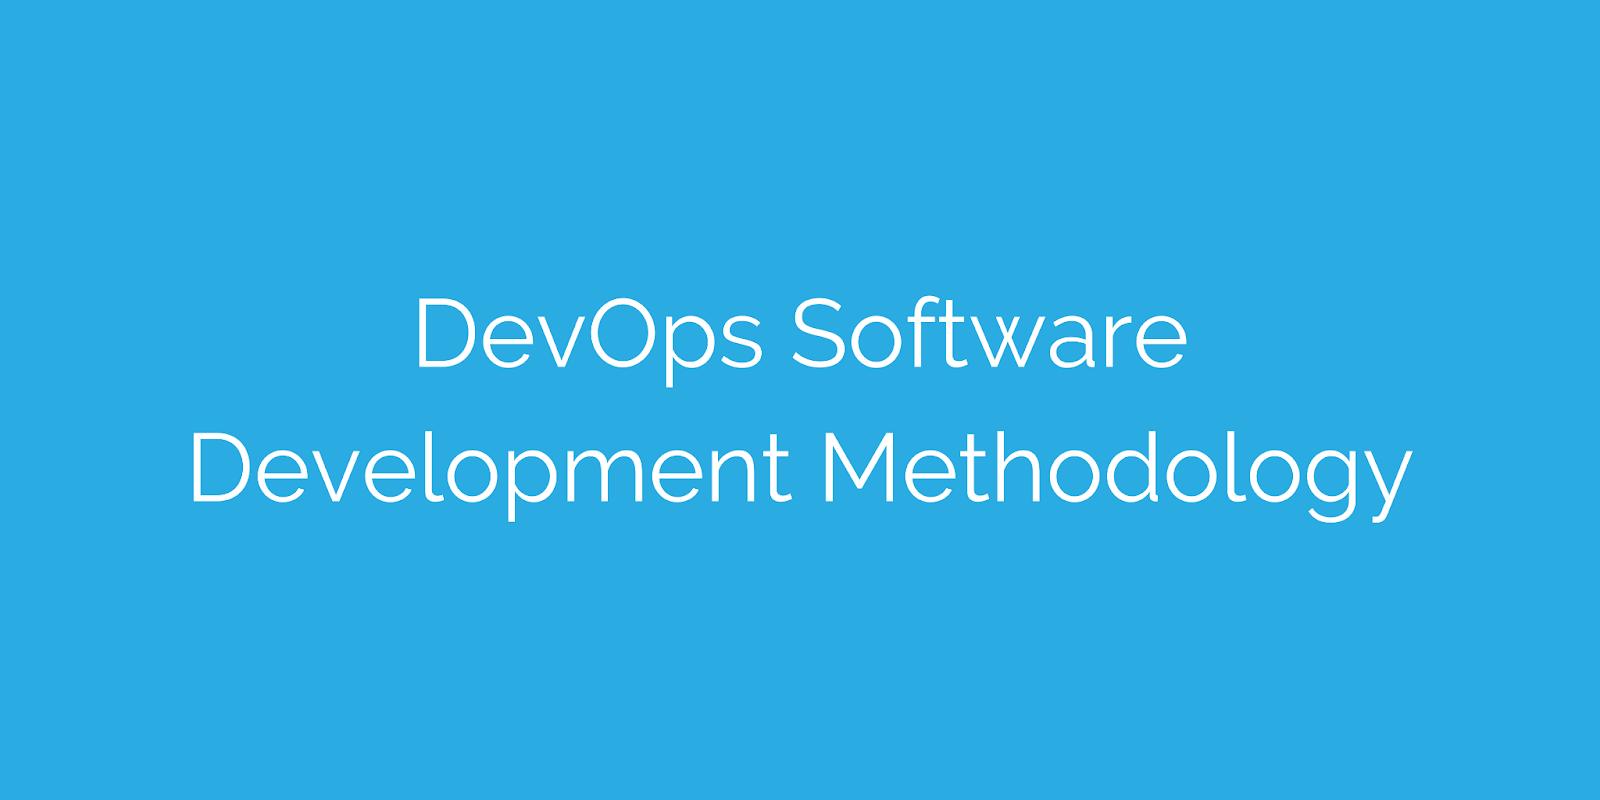 The DevOps Method